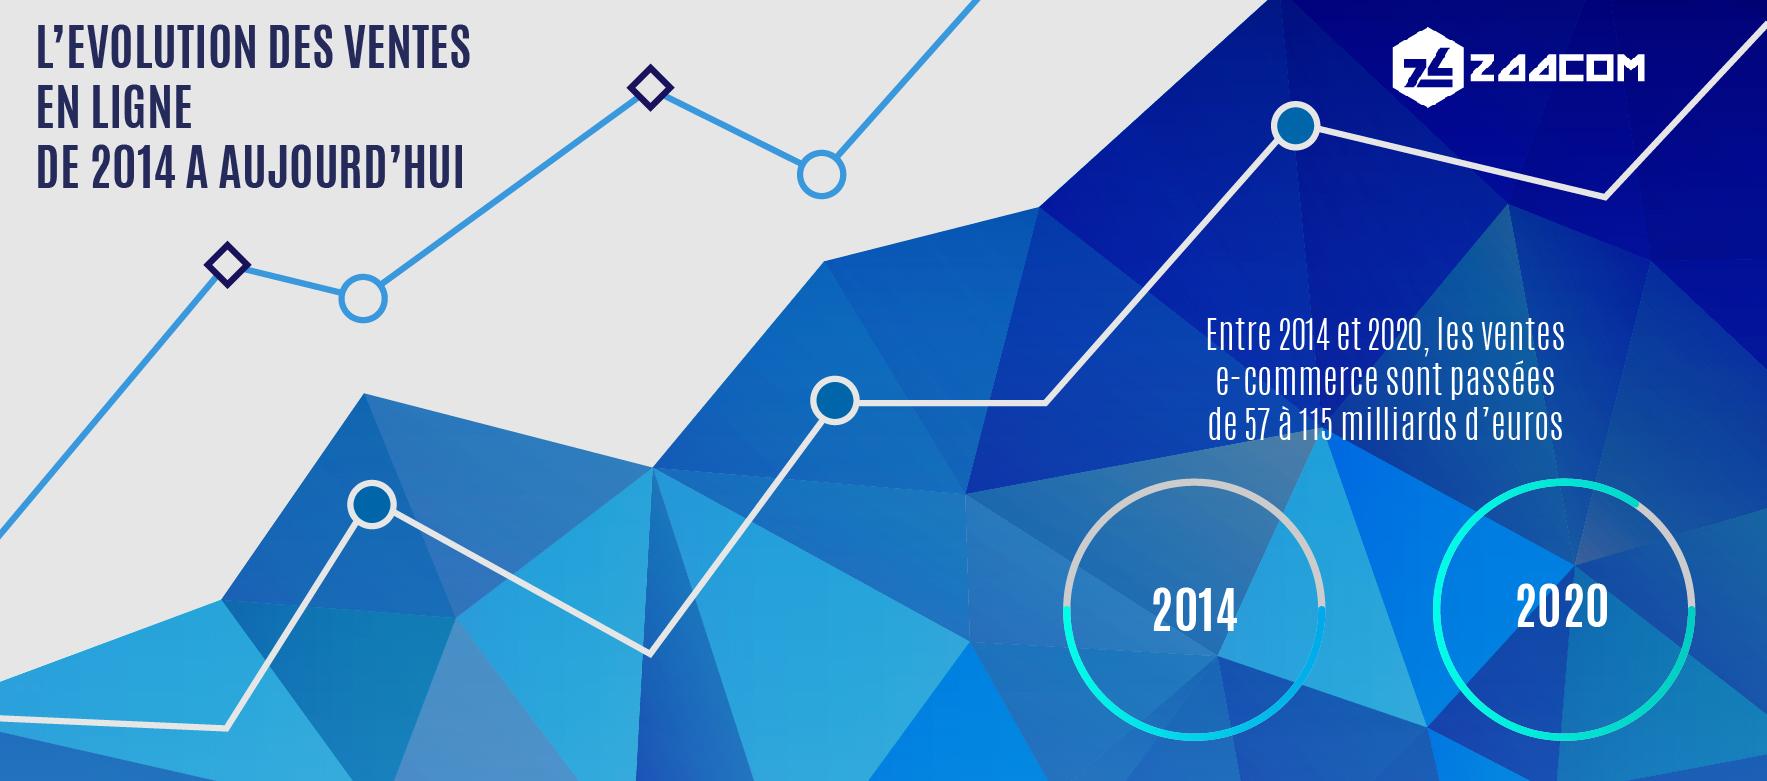 e-commerce en 2020